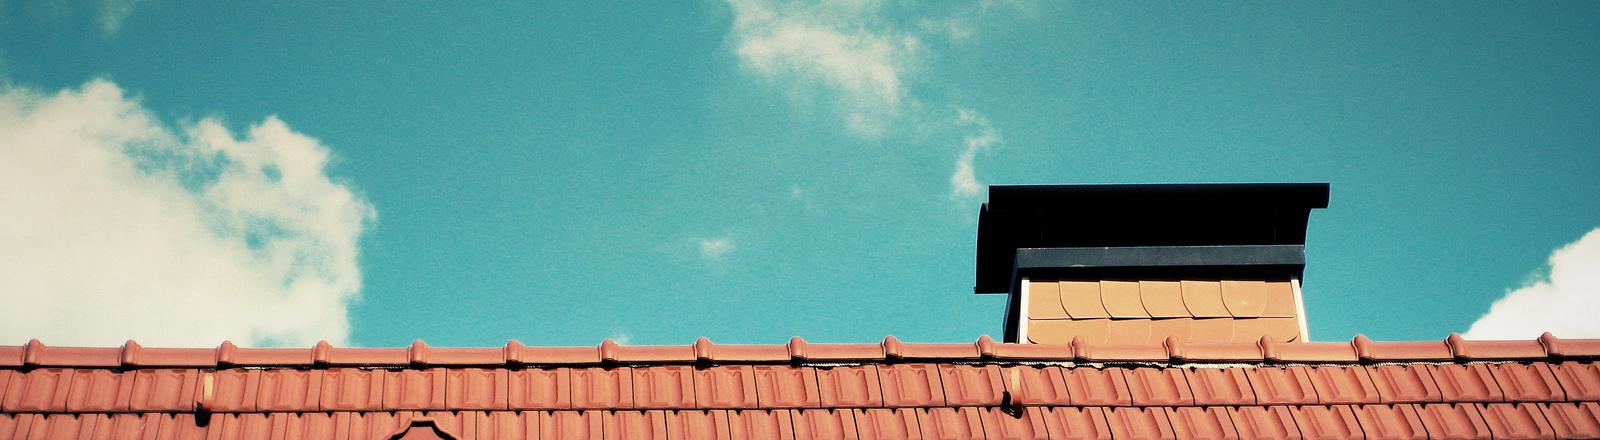 Ein Hausdach in der Sonne